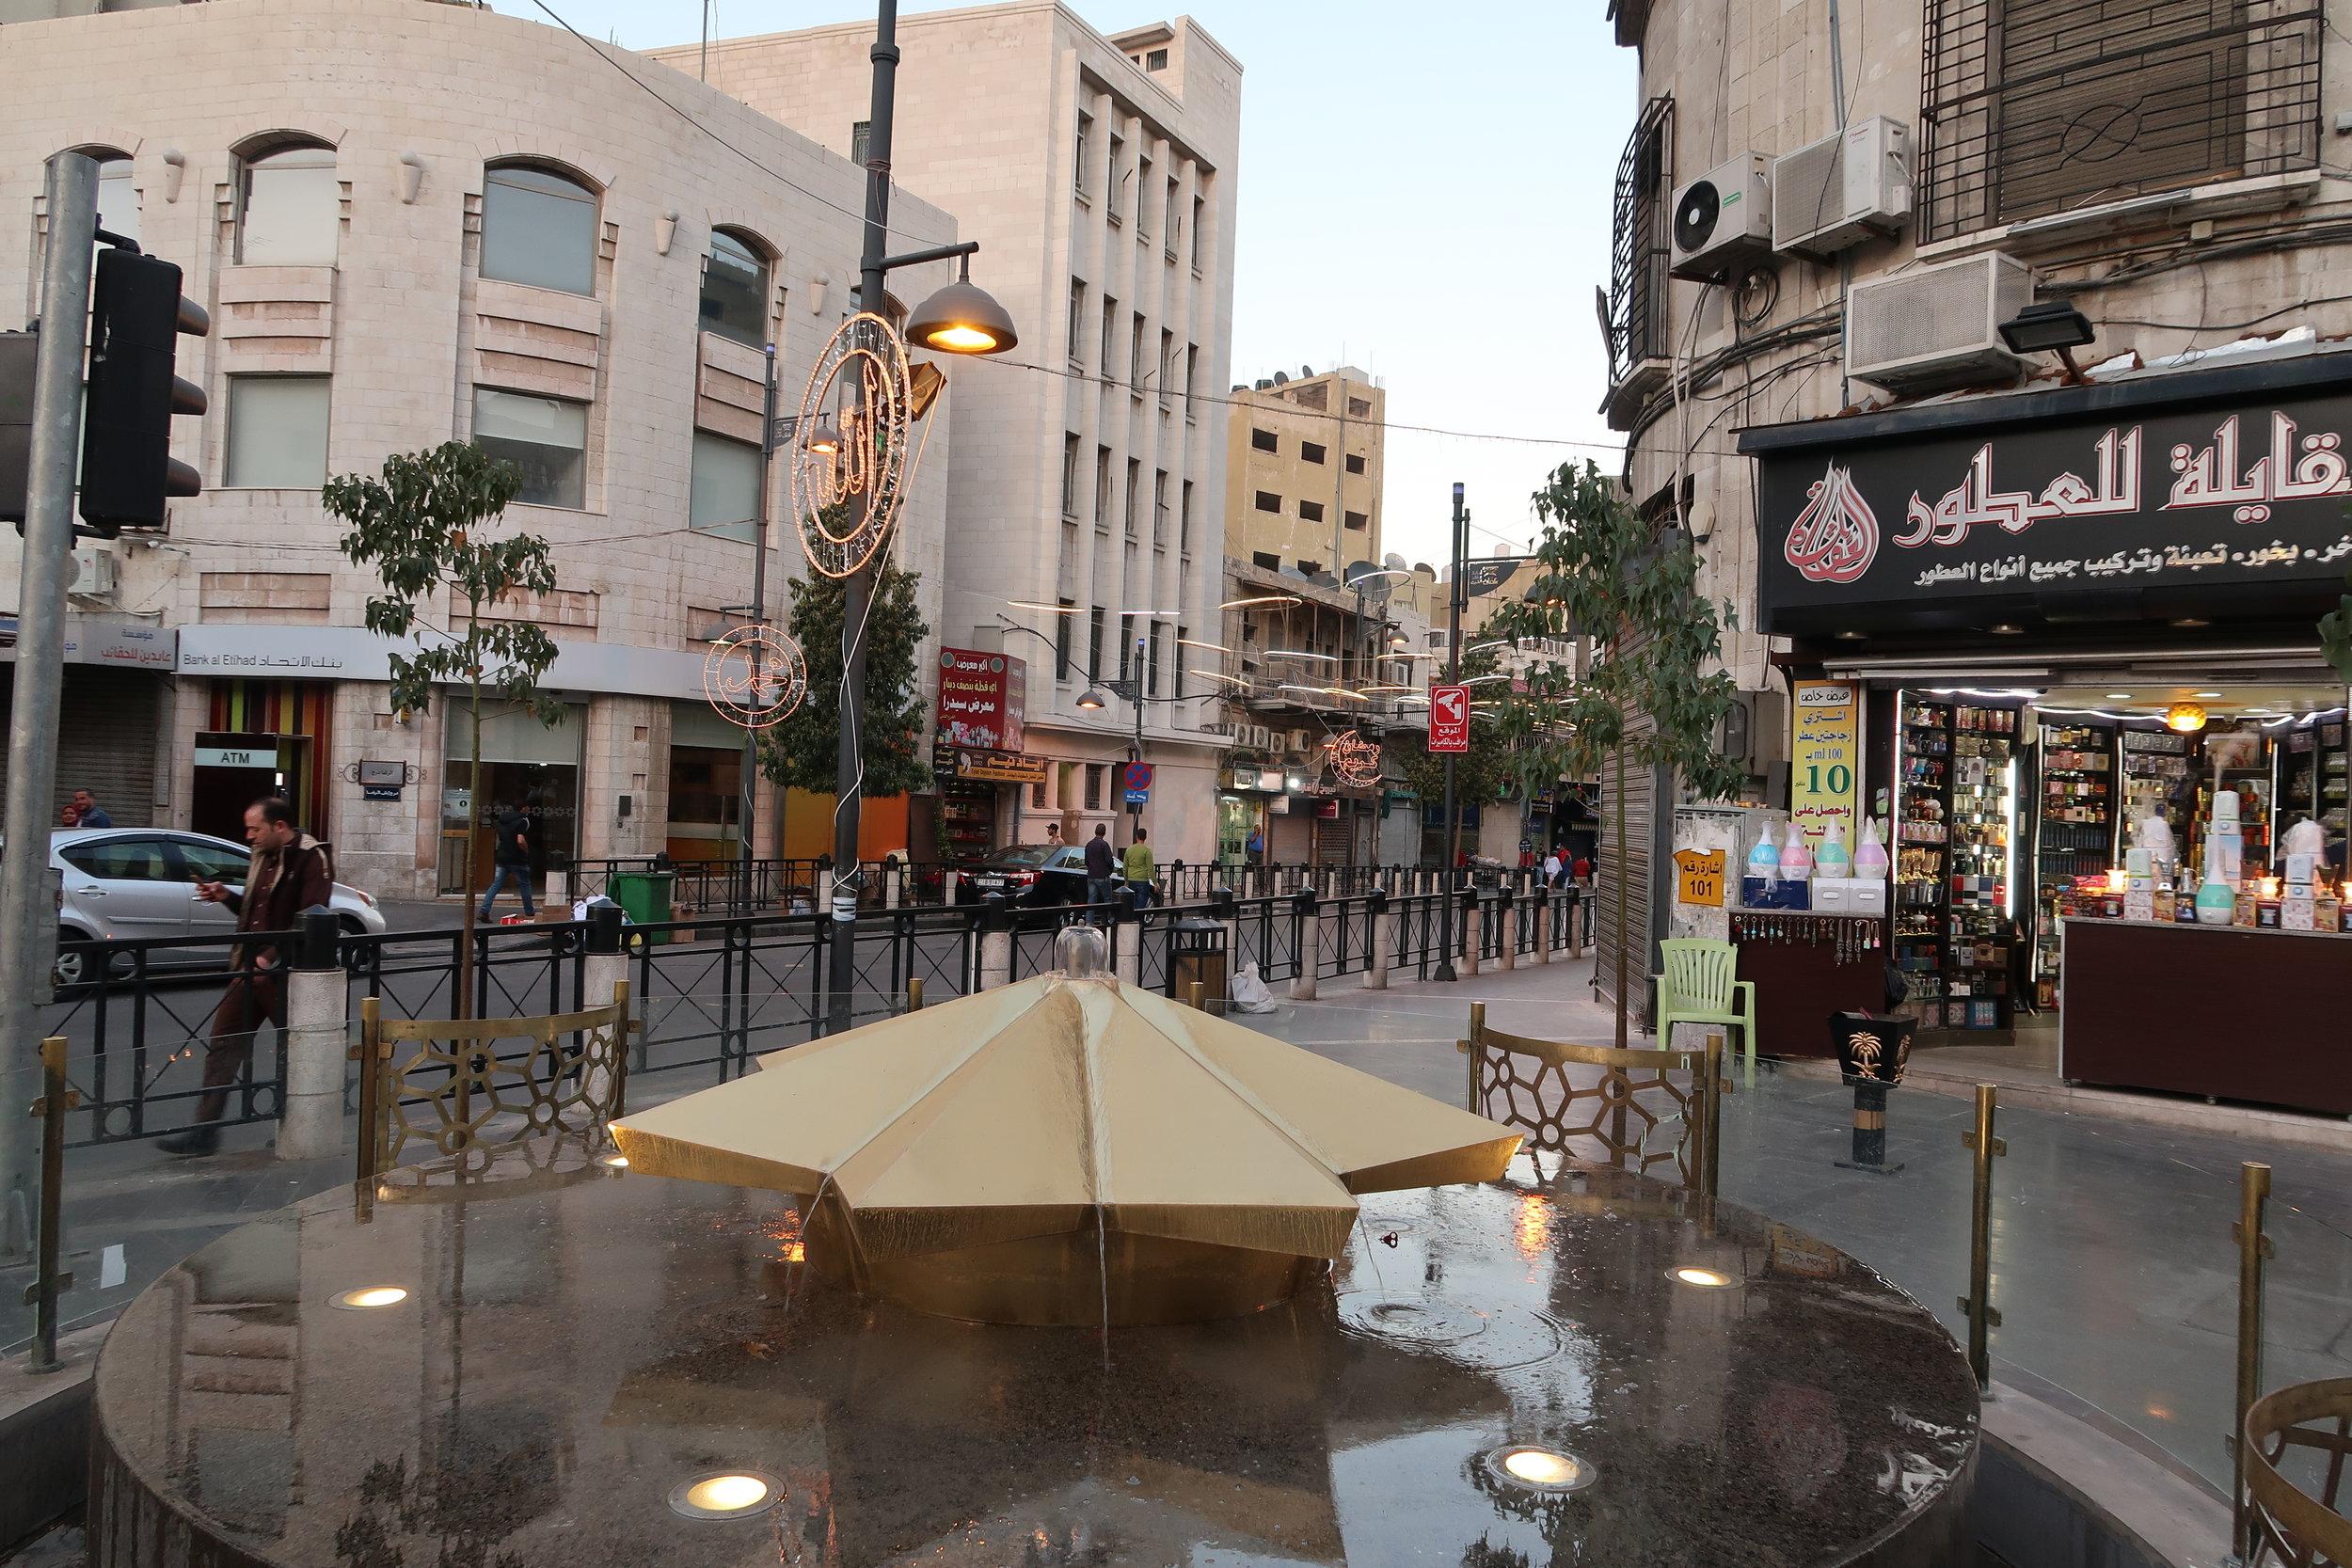 安曼老城主街上的喷泉雕塑